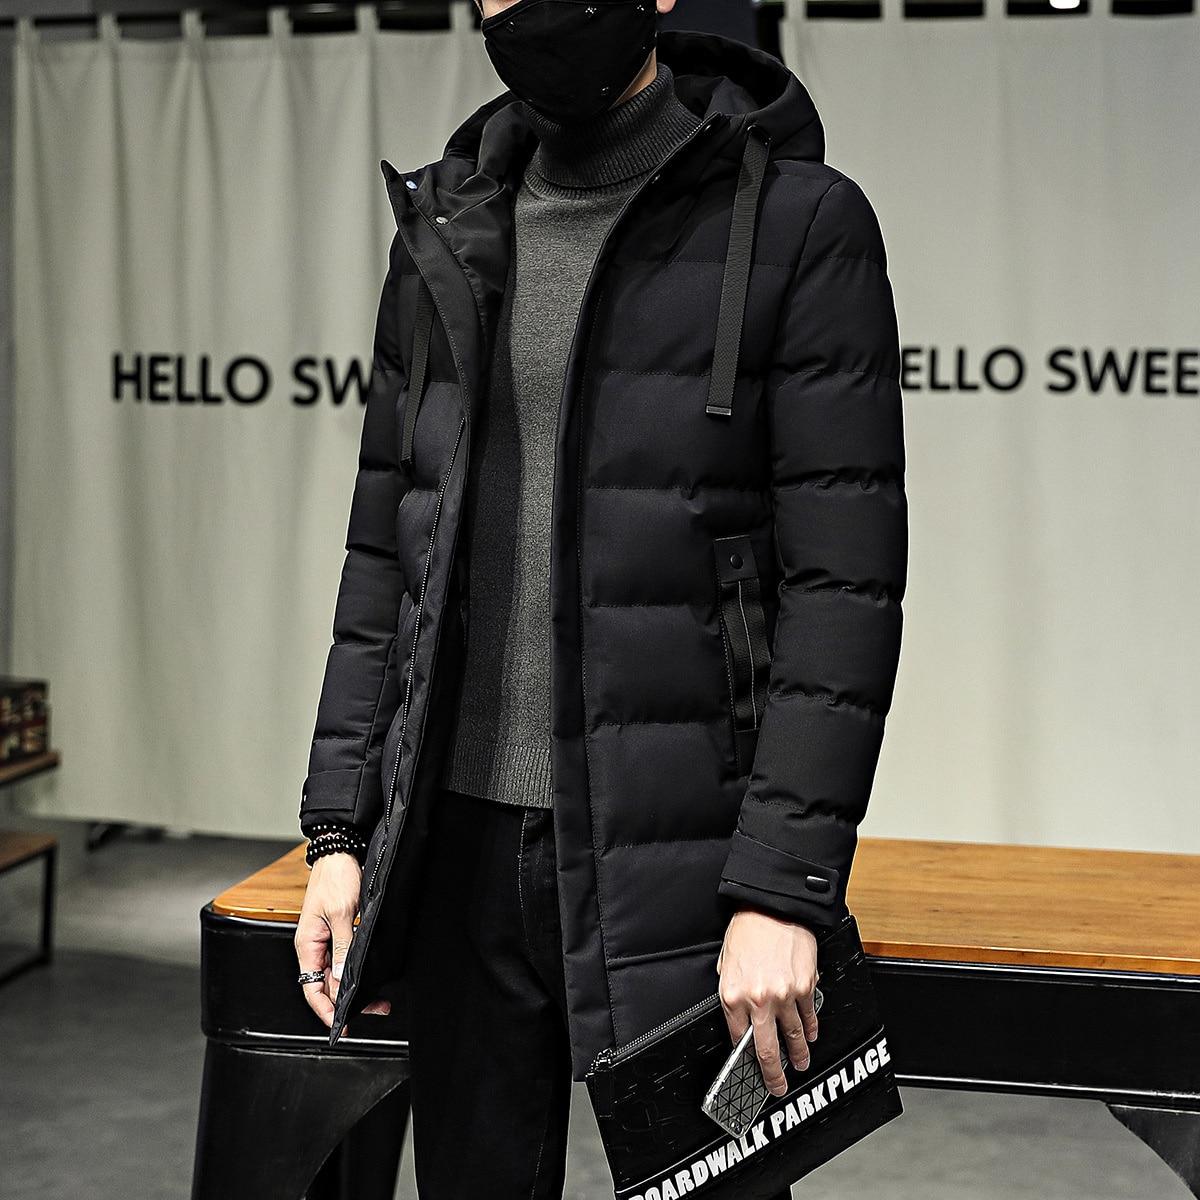 Мужская зимняя куртка, Корейская версия, одежда средней и длинной хлопковой одежды, молодежная утепленная теплая пуховая одежда из хлопка, ...